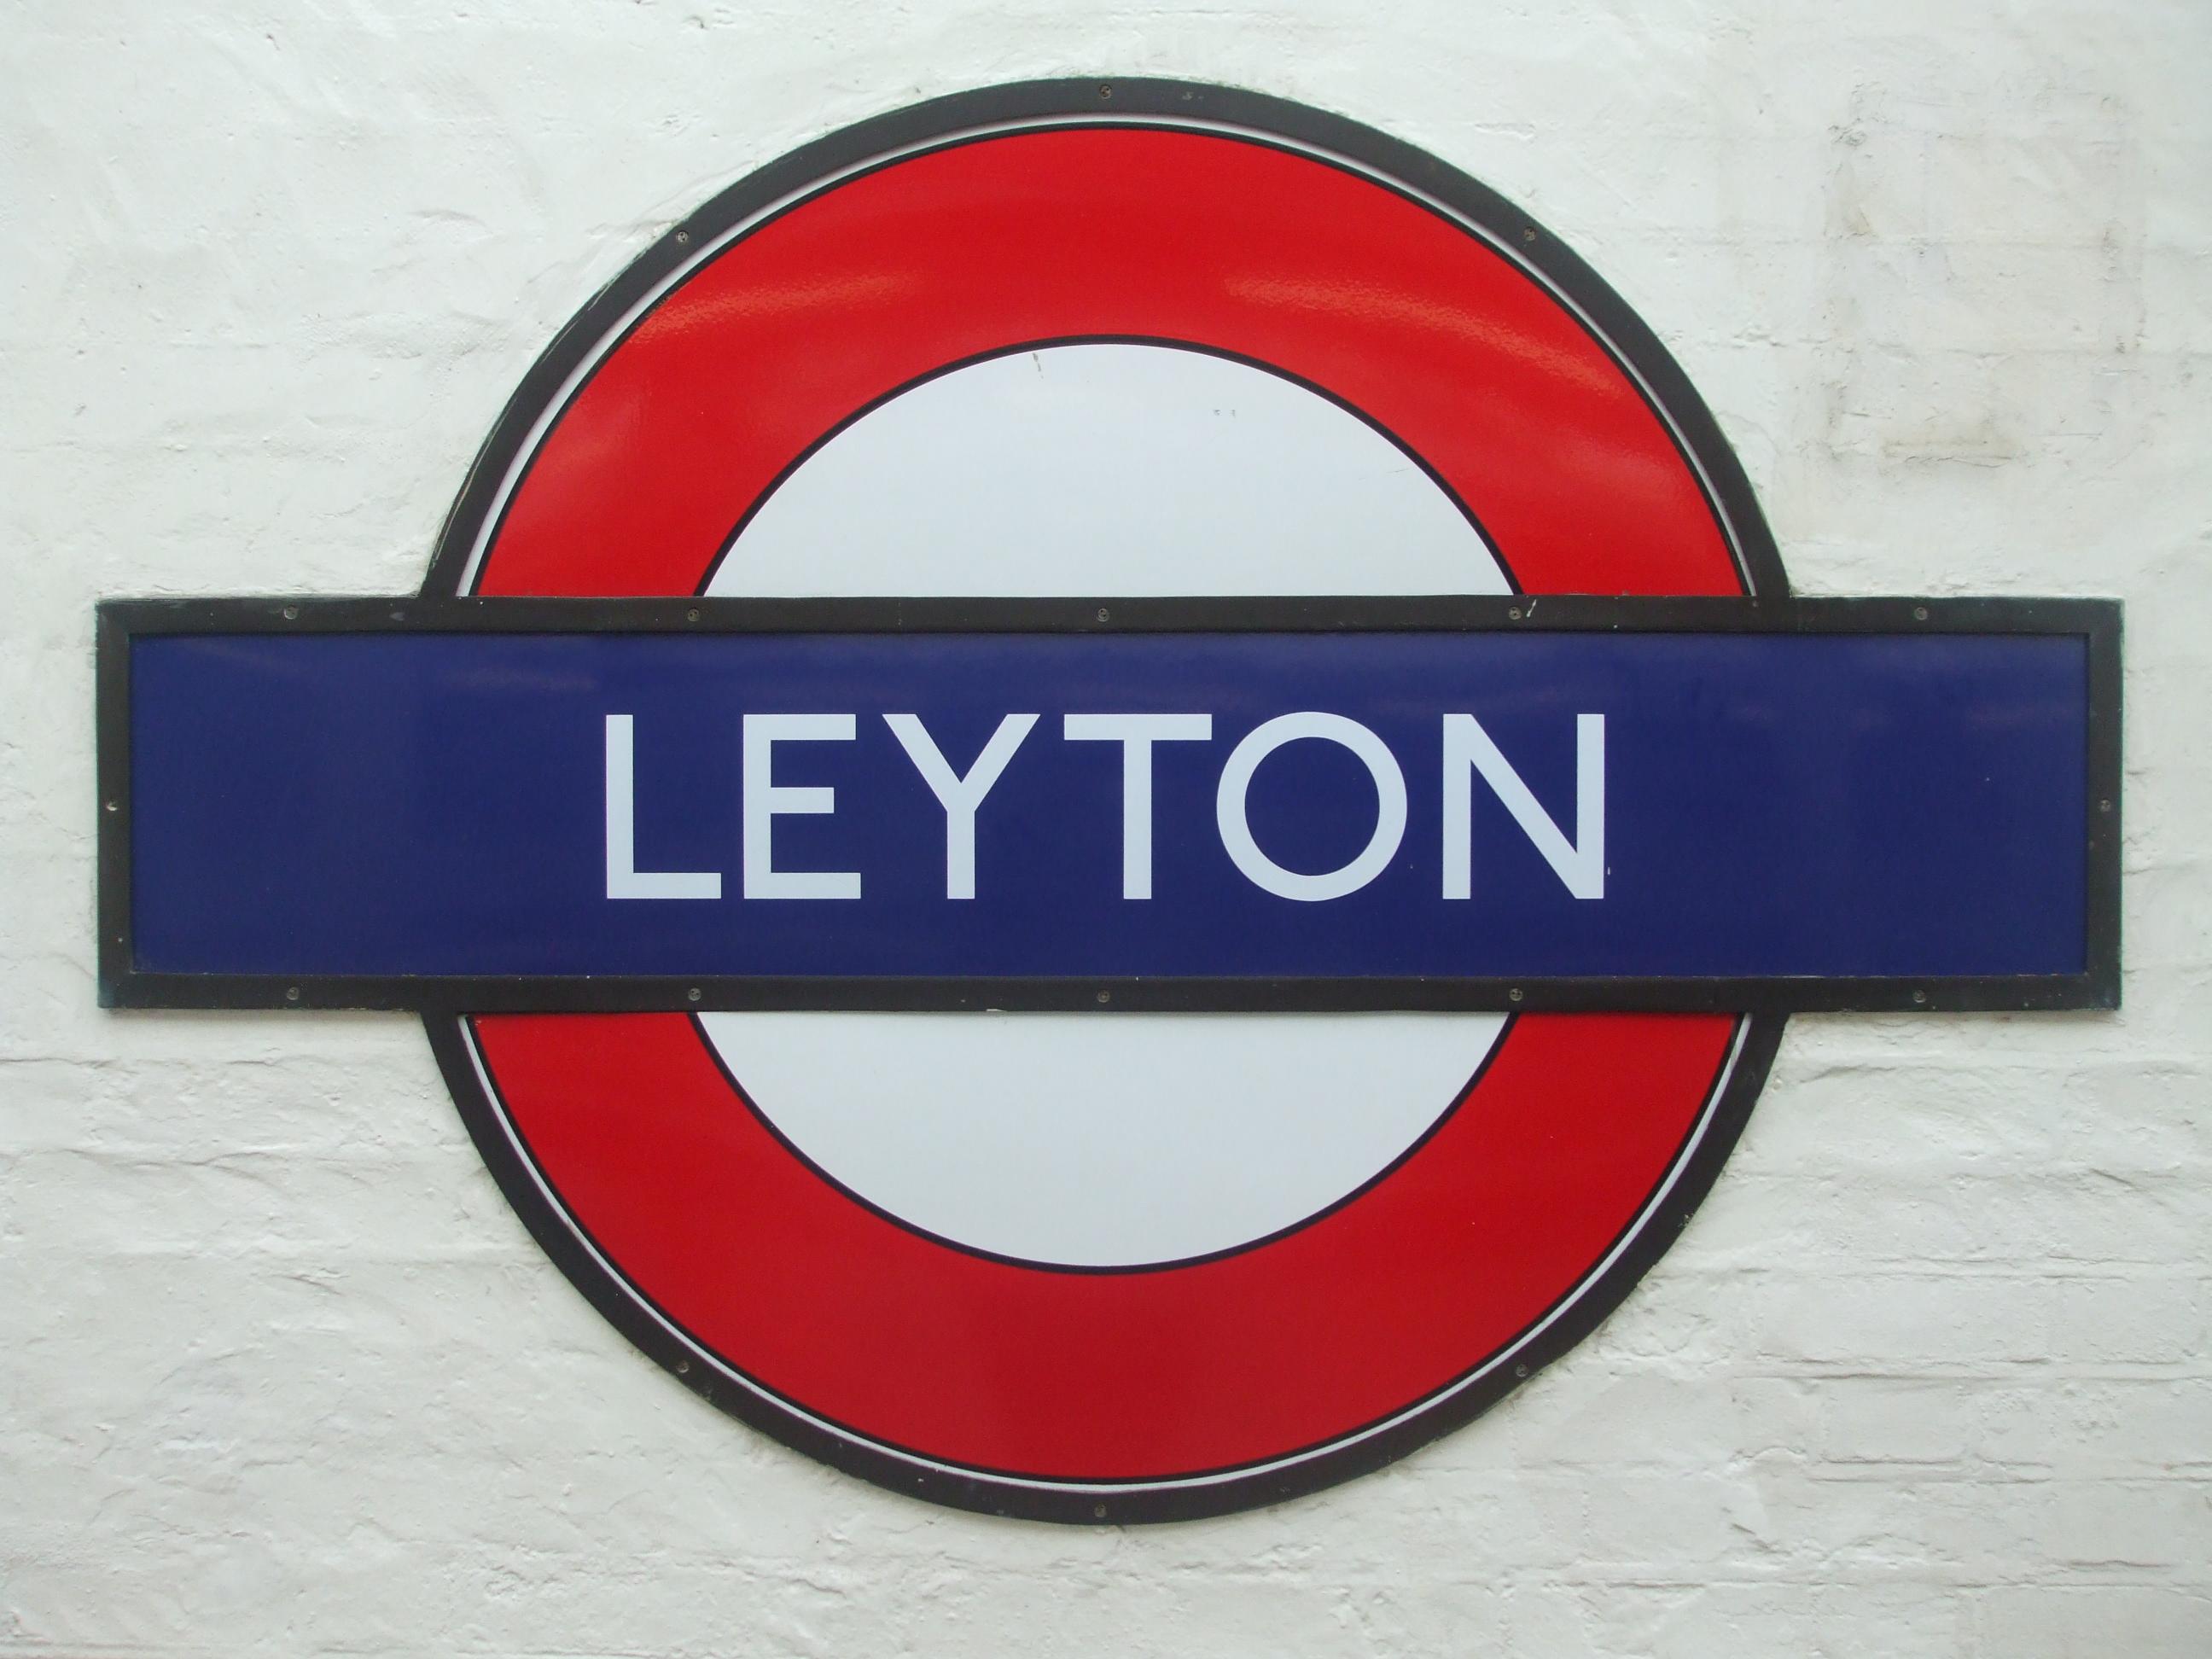 Leyton Tube Station Mapio